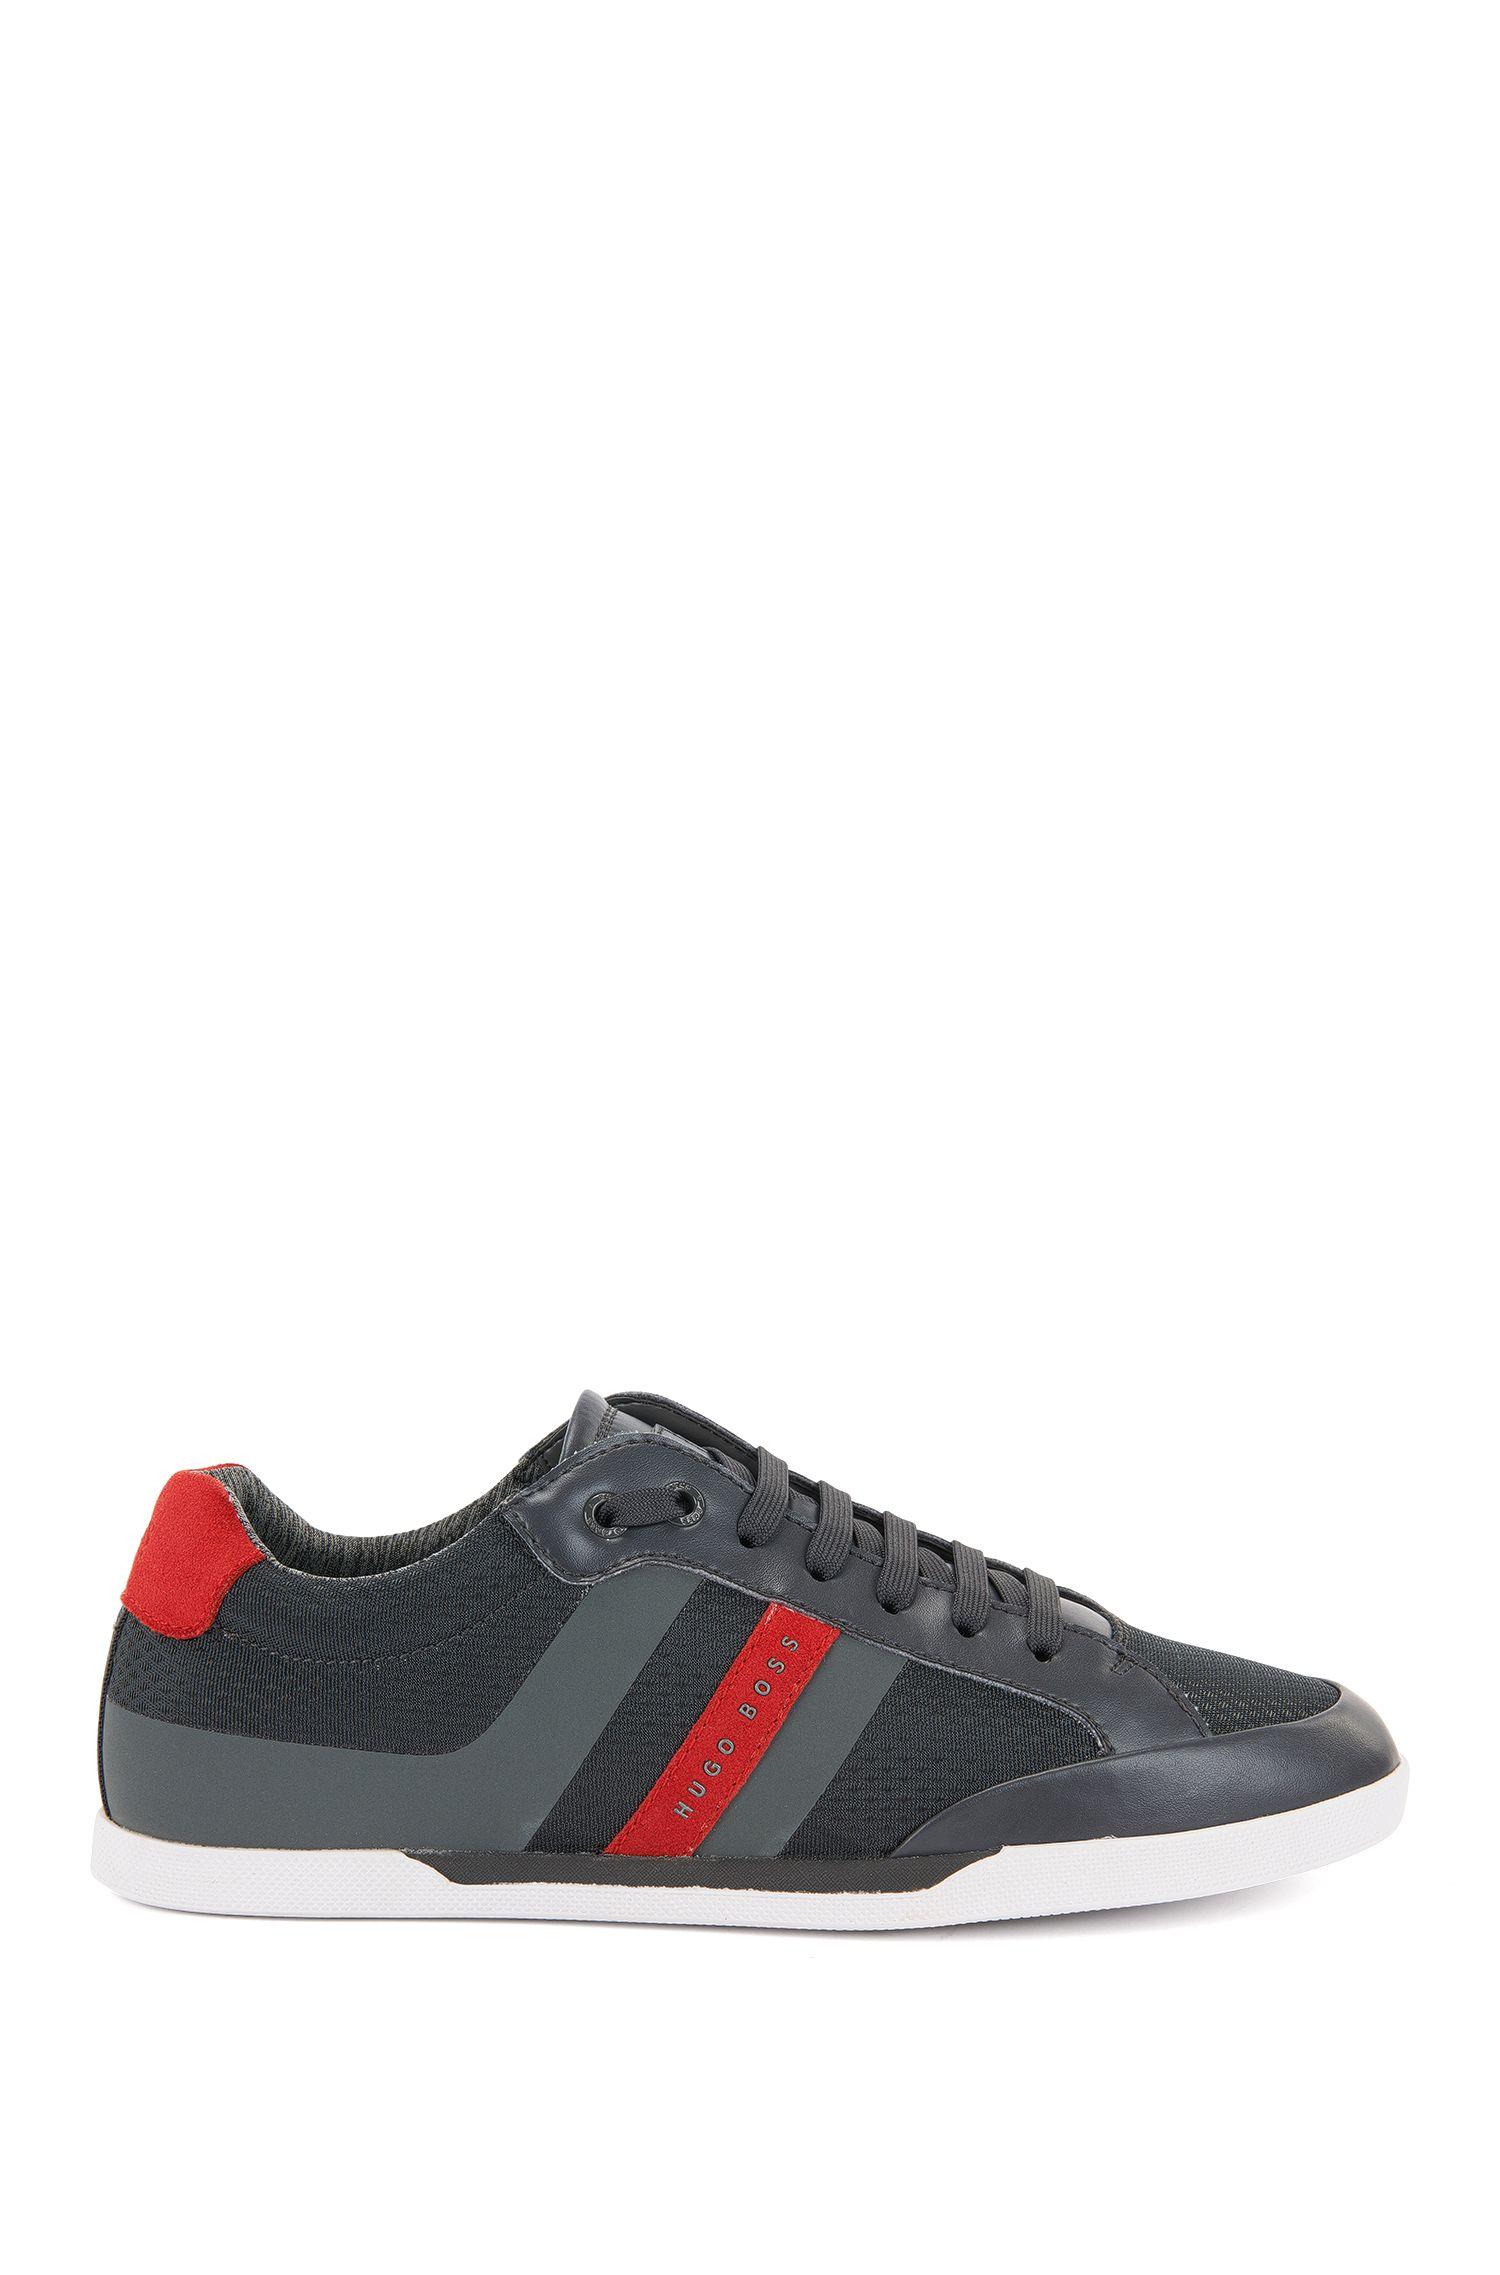 Sneakers in tennisstijl met suède bovenlaag